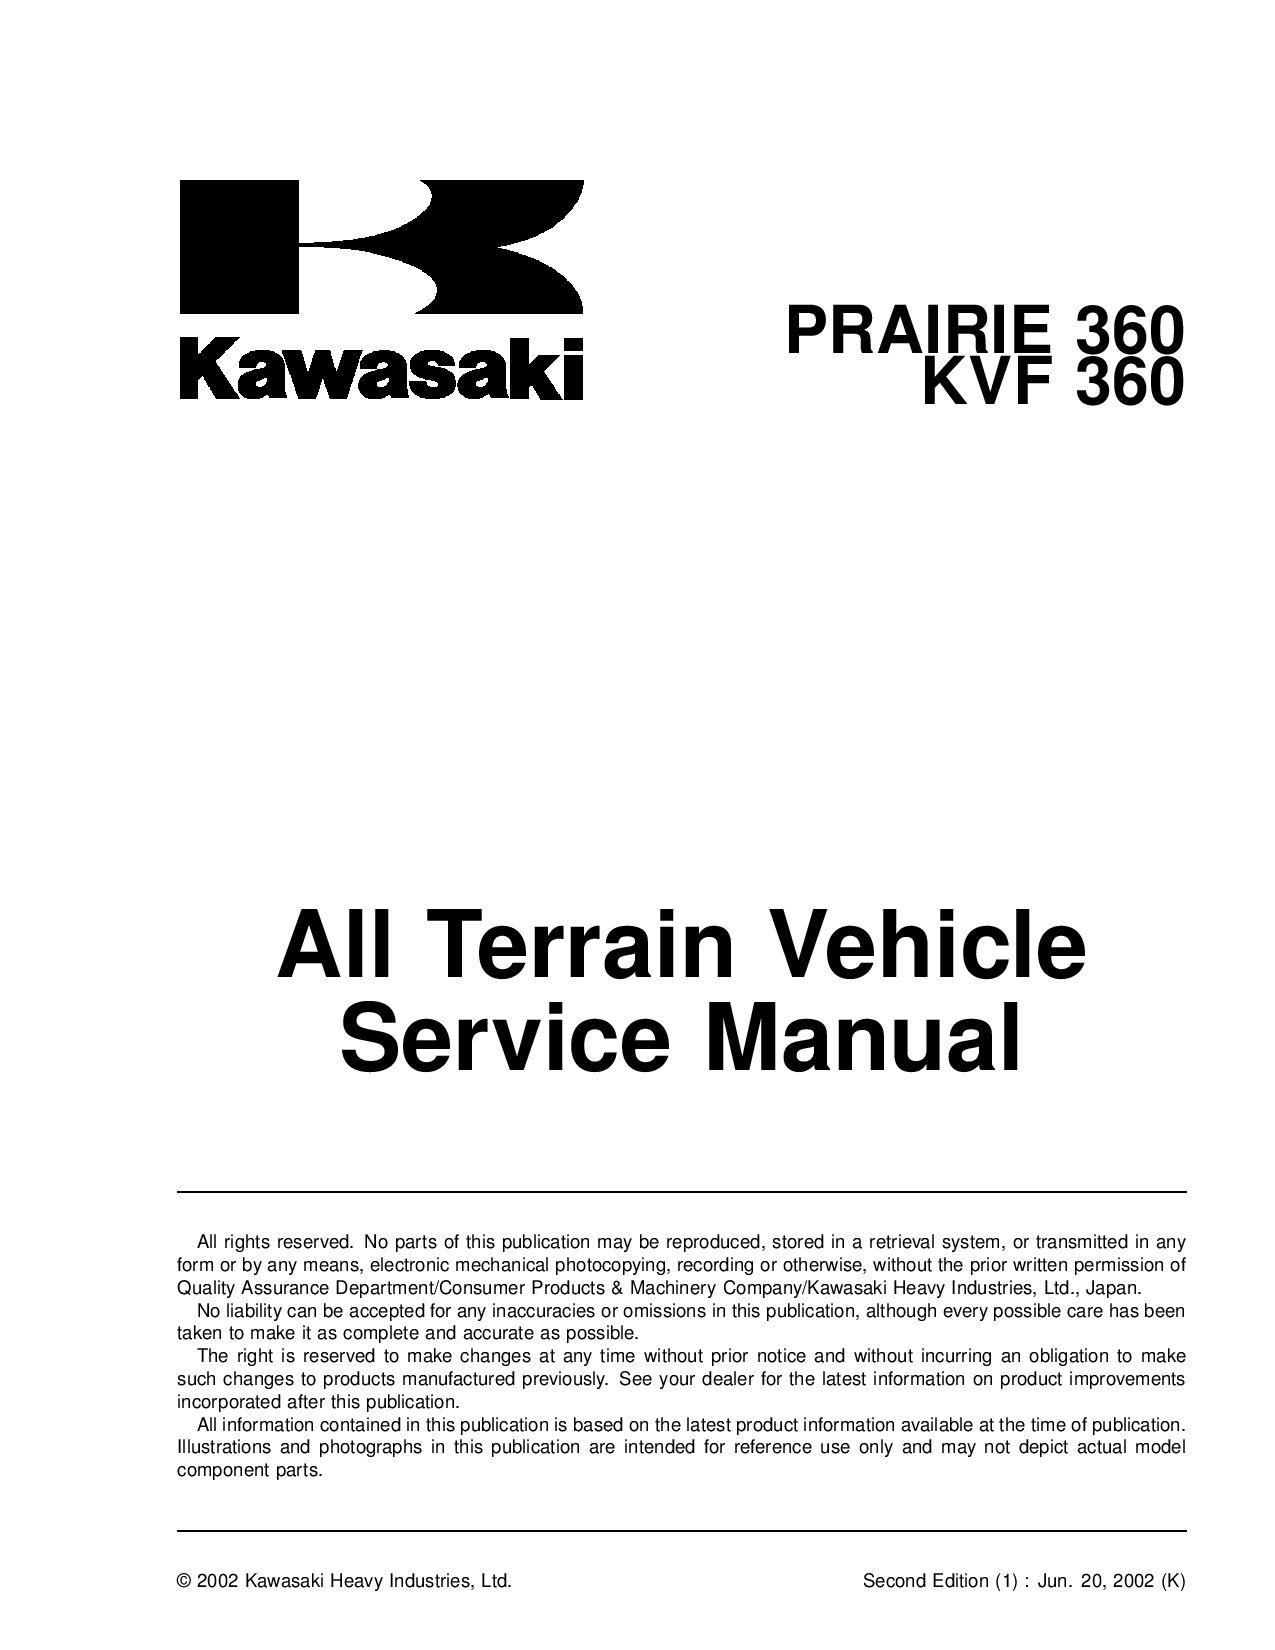 Kawasaki Kvf 360 Prairie 360 2003 Repair Manual Pdf Download Service Manual Repair Manual Pdf Download Repair Manuals Manual Repair And Maintenance